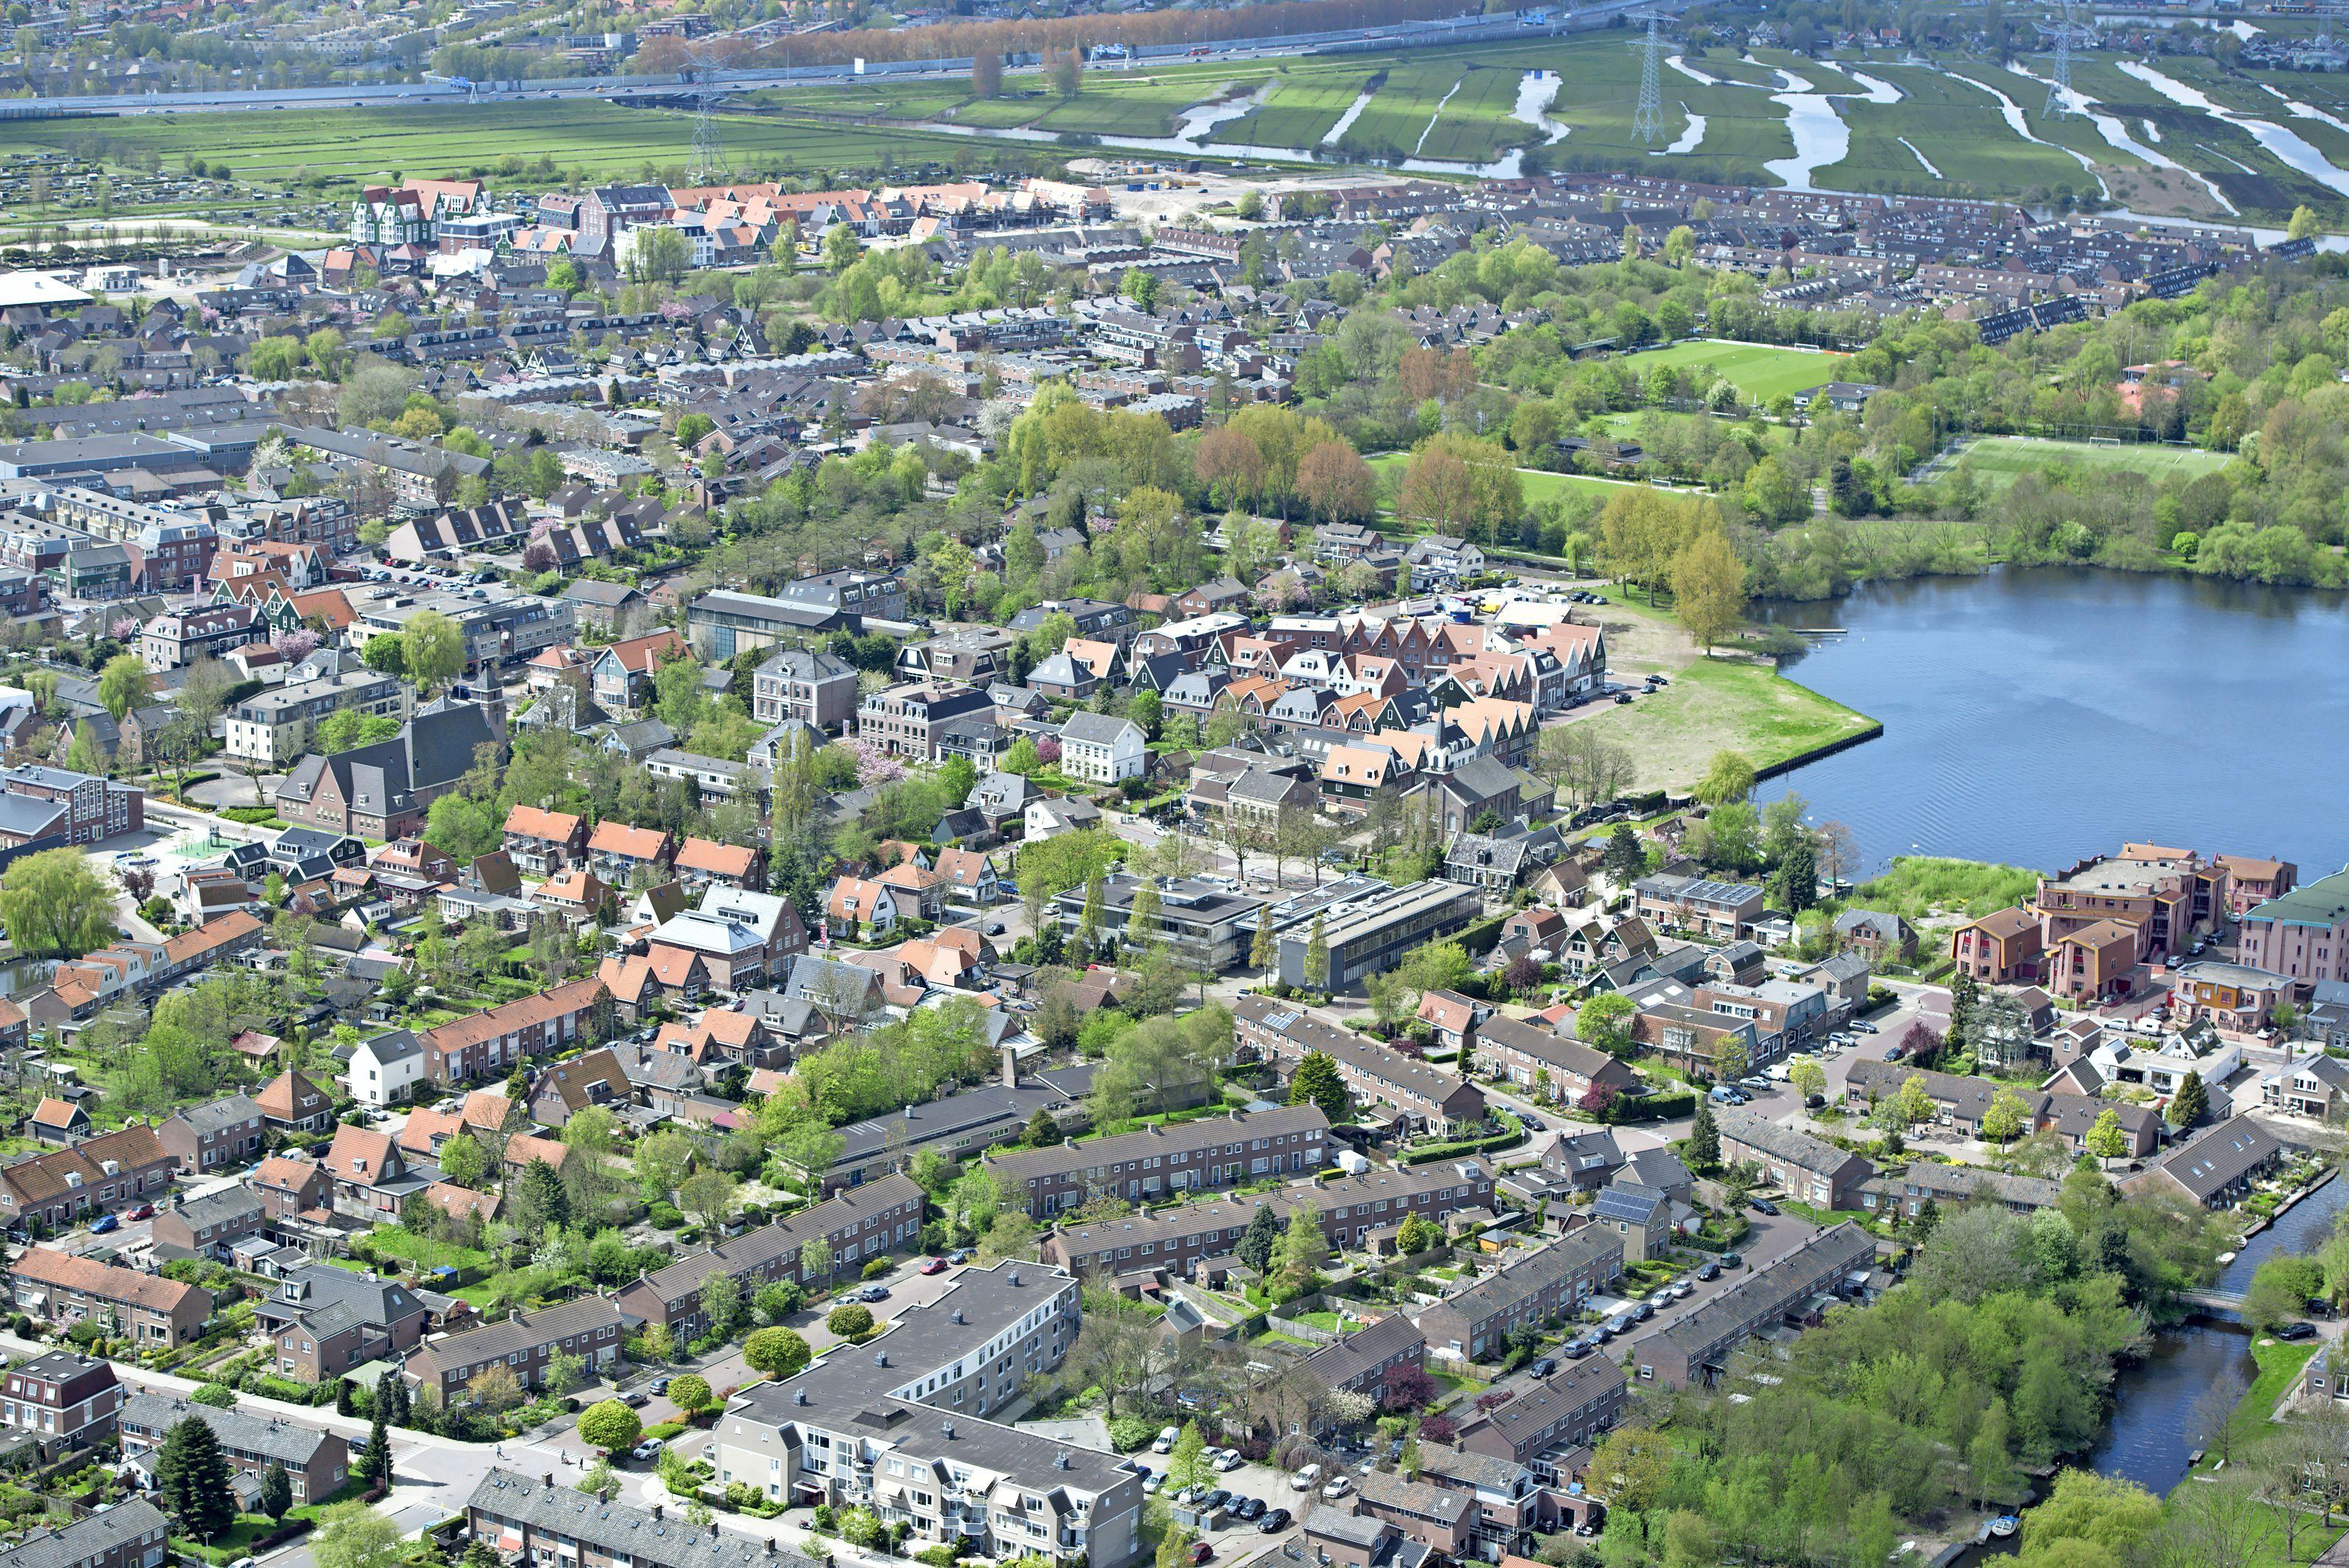 Provincie houdt woningbouw in Landsmeer tegen vanwege bescherming van groen, maar welke opties blijven volgens hen over?